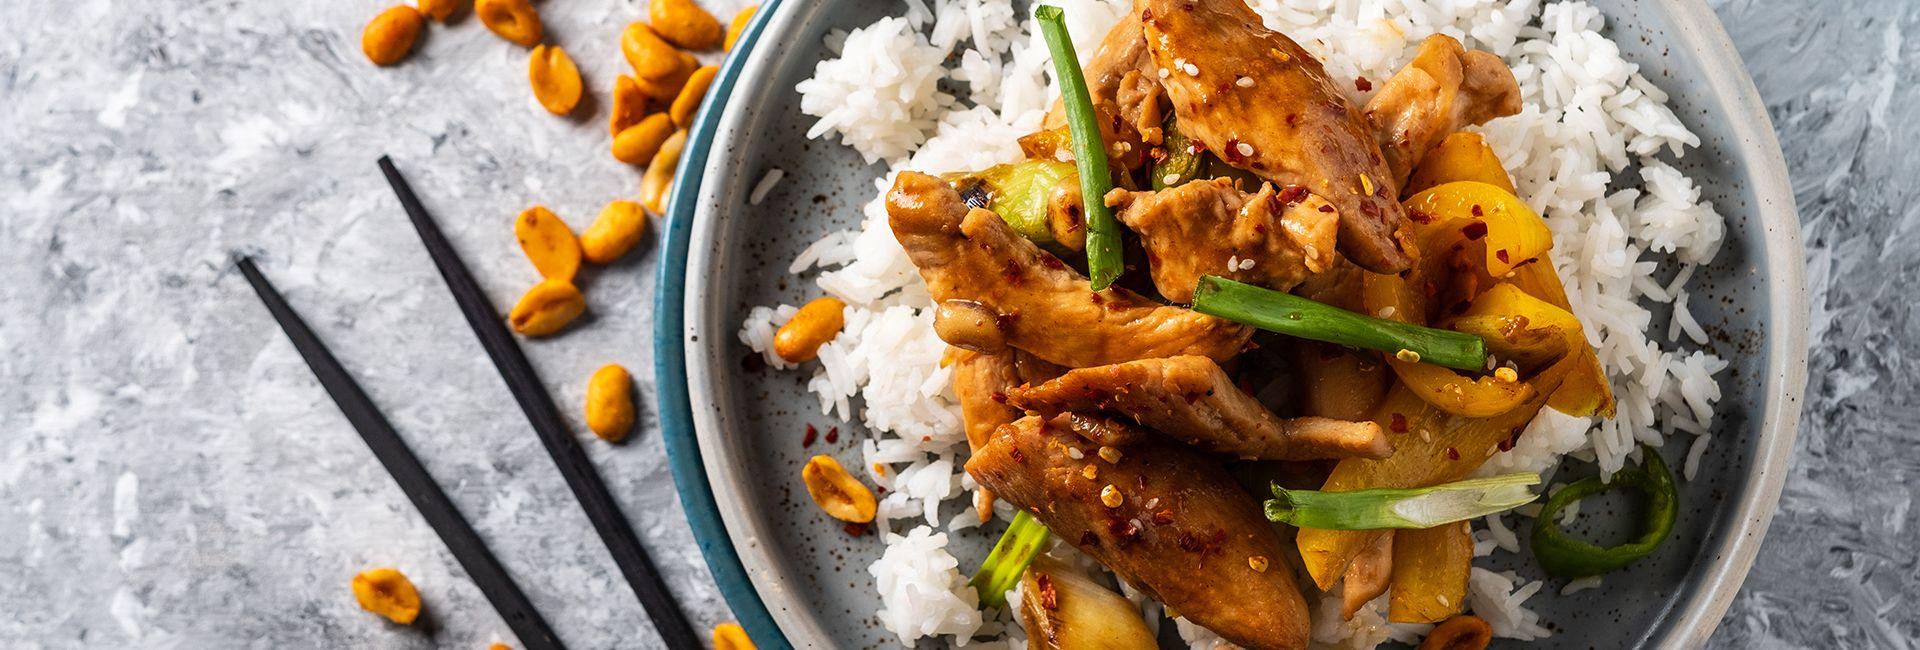 10 nhà hàng ăn trưa nổi tiếng tại Chiang Rai, Thái Lan